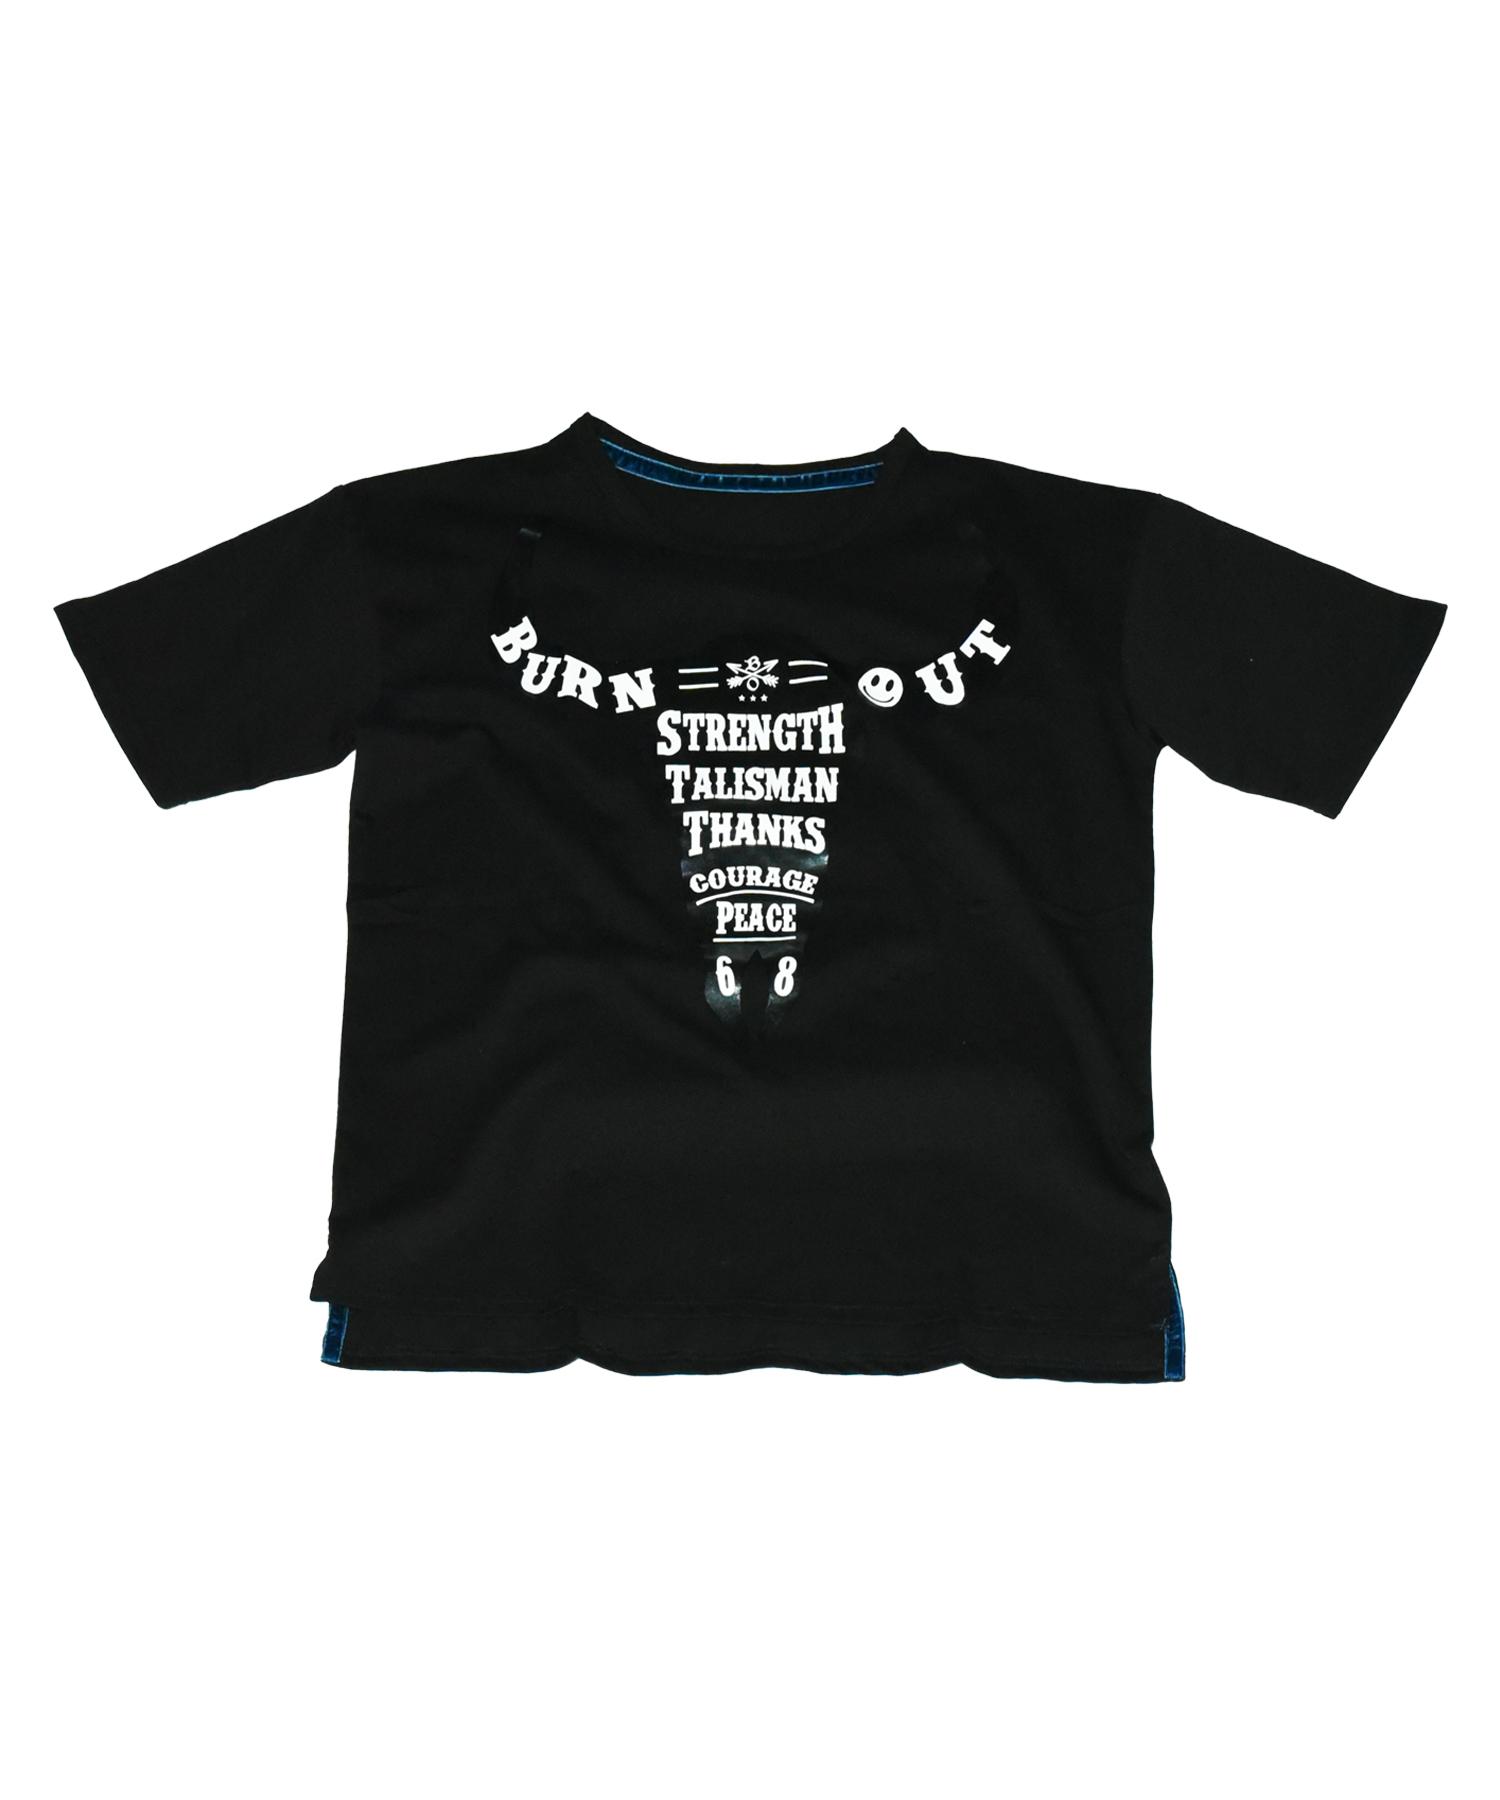 バッファロー T-シャツ05